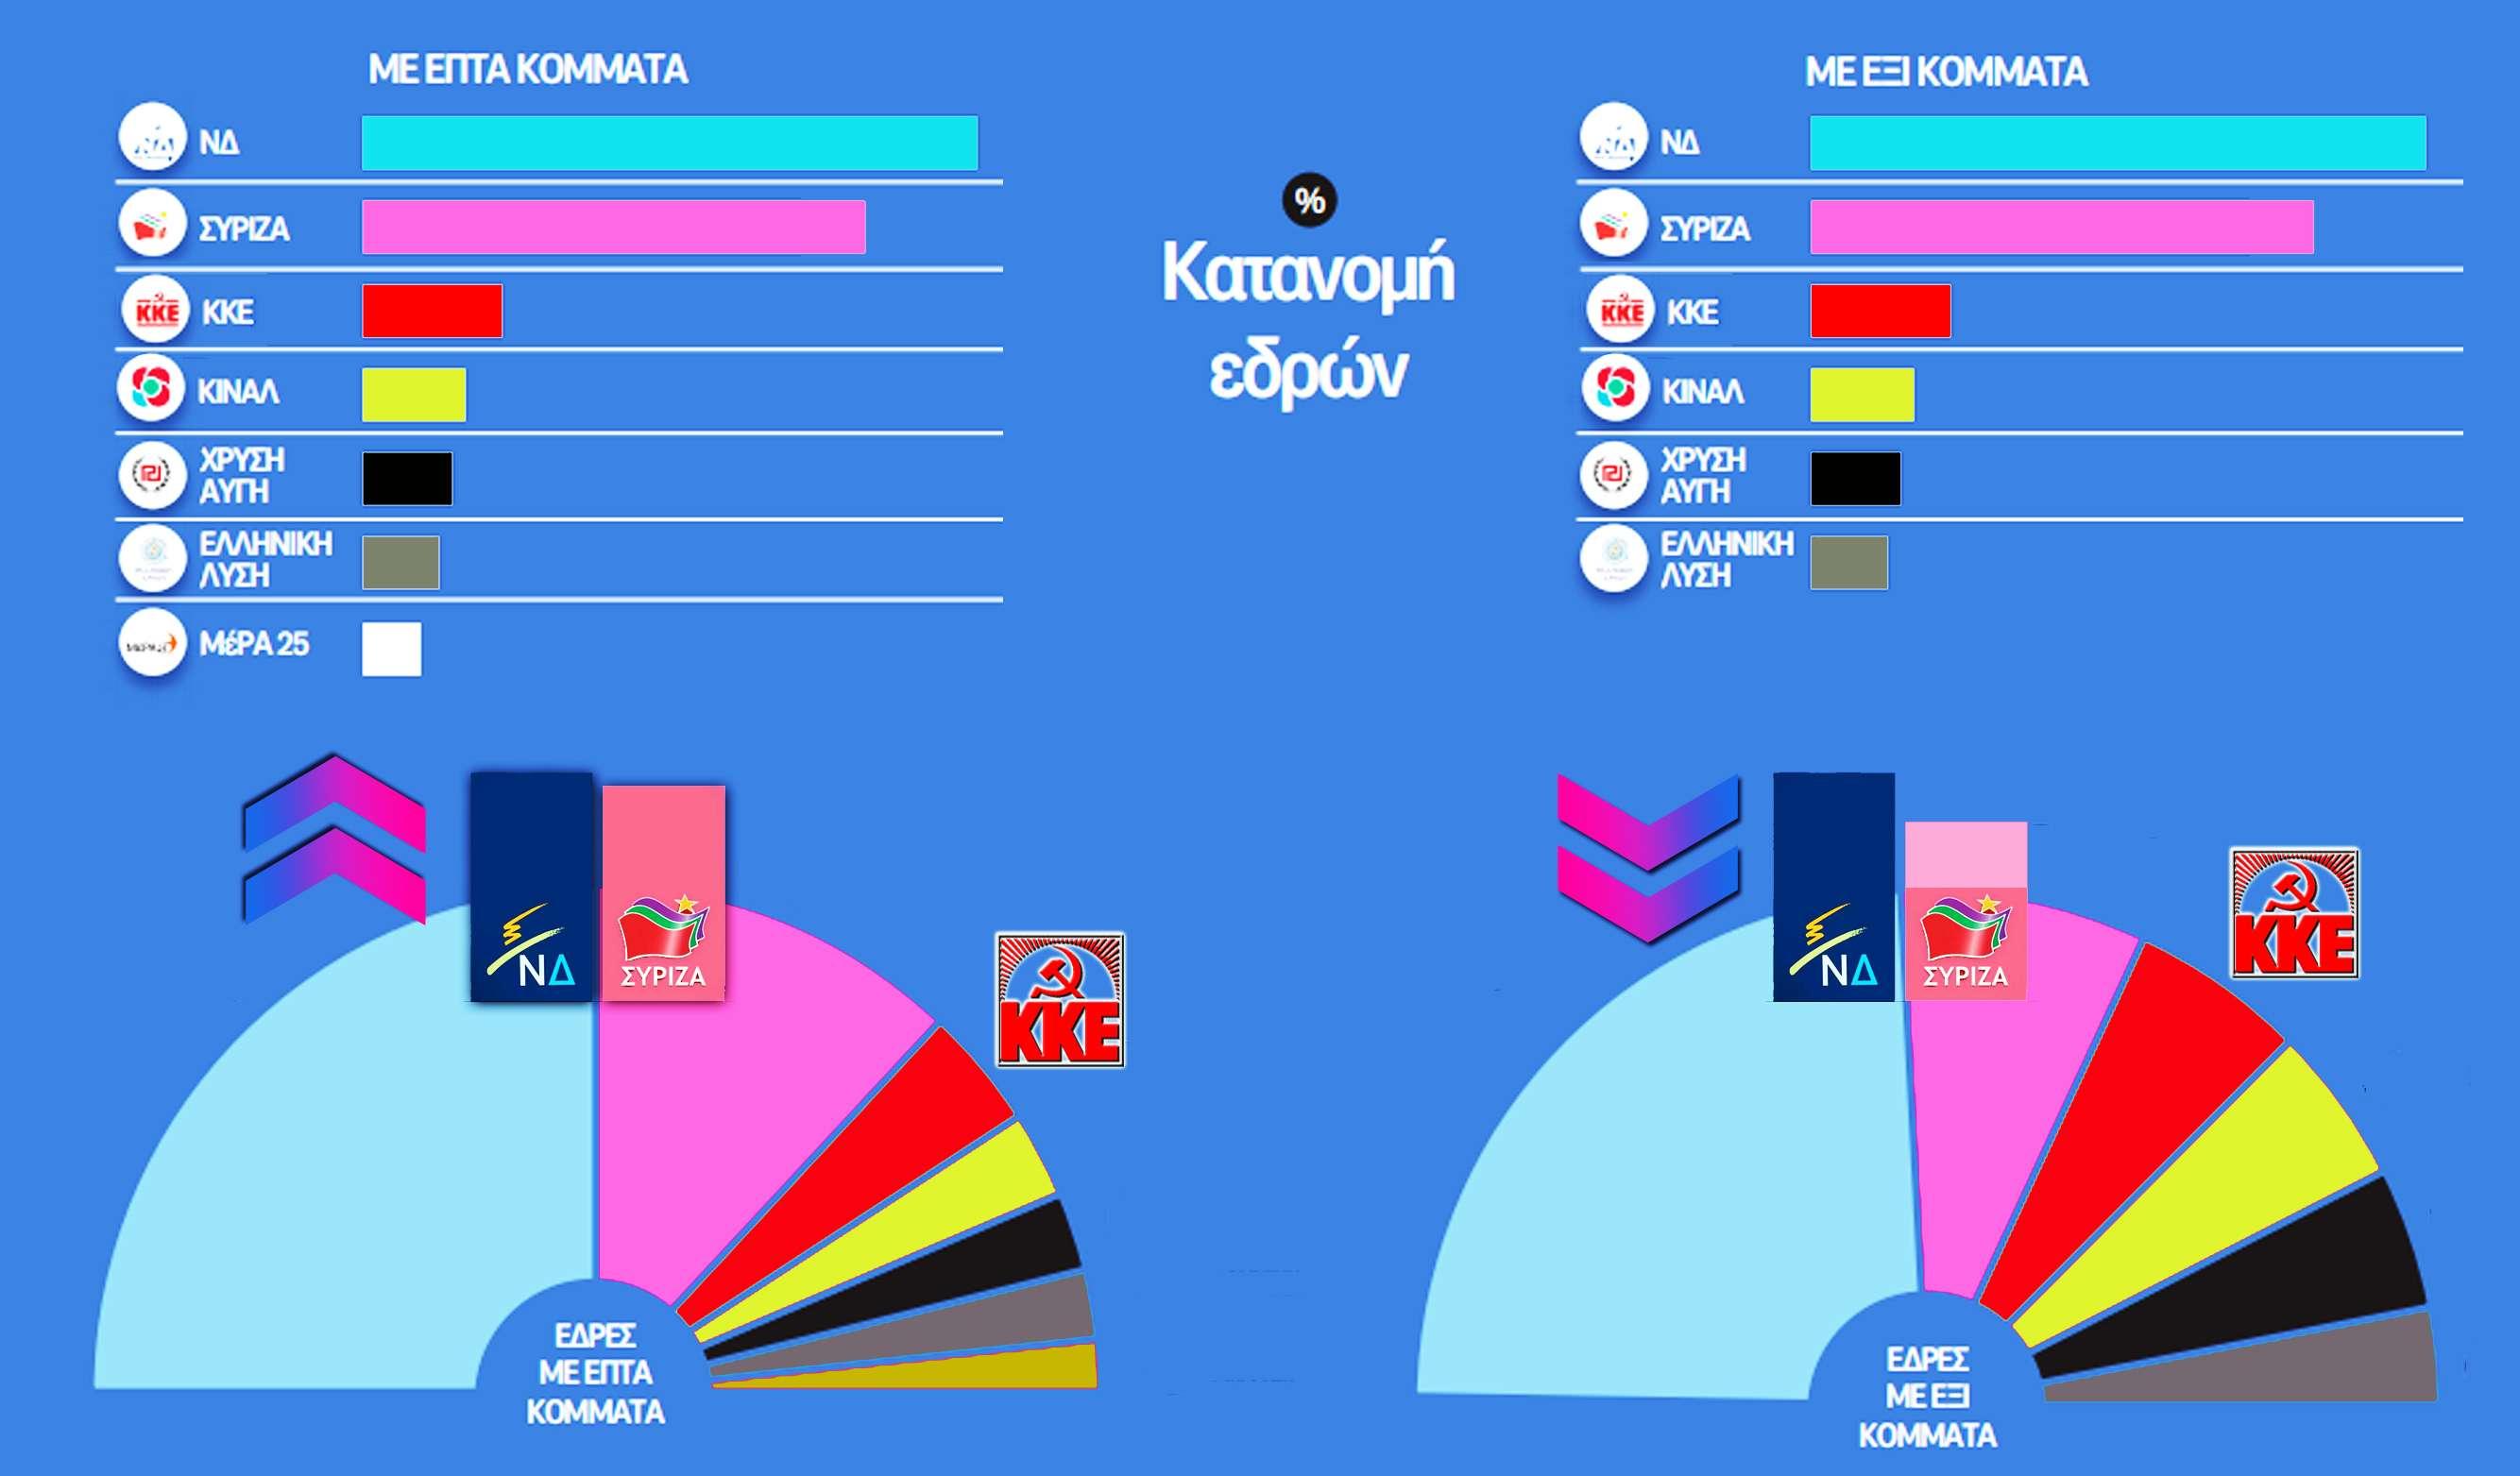 Εθνικές εκλογές 2019 % - Γράφημα 2ο